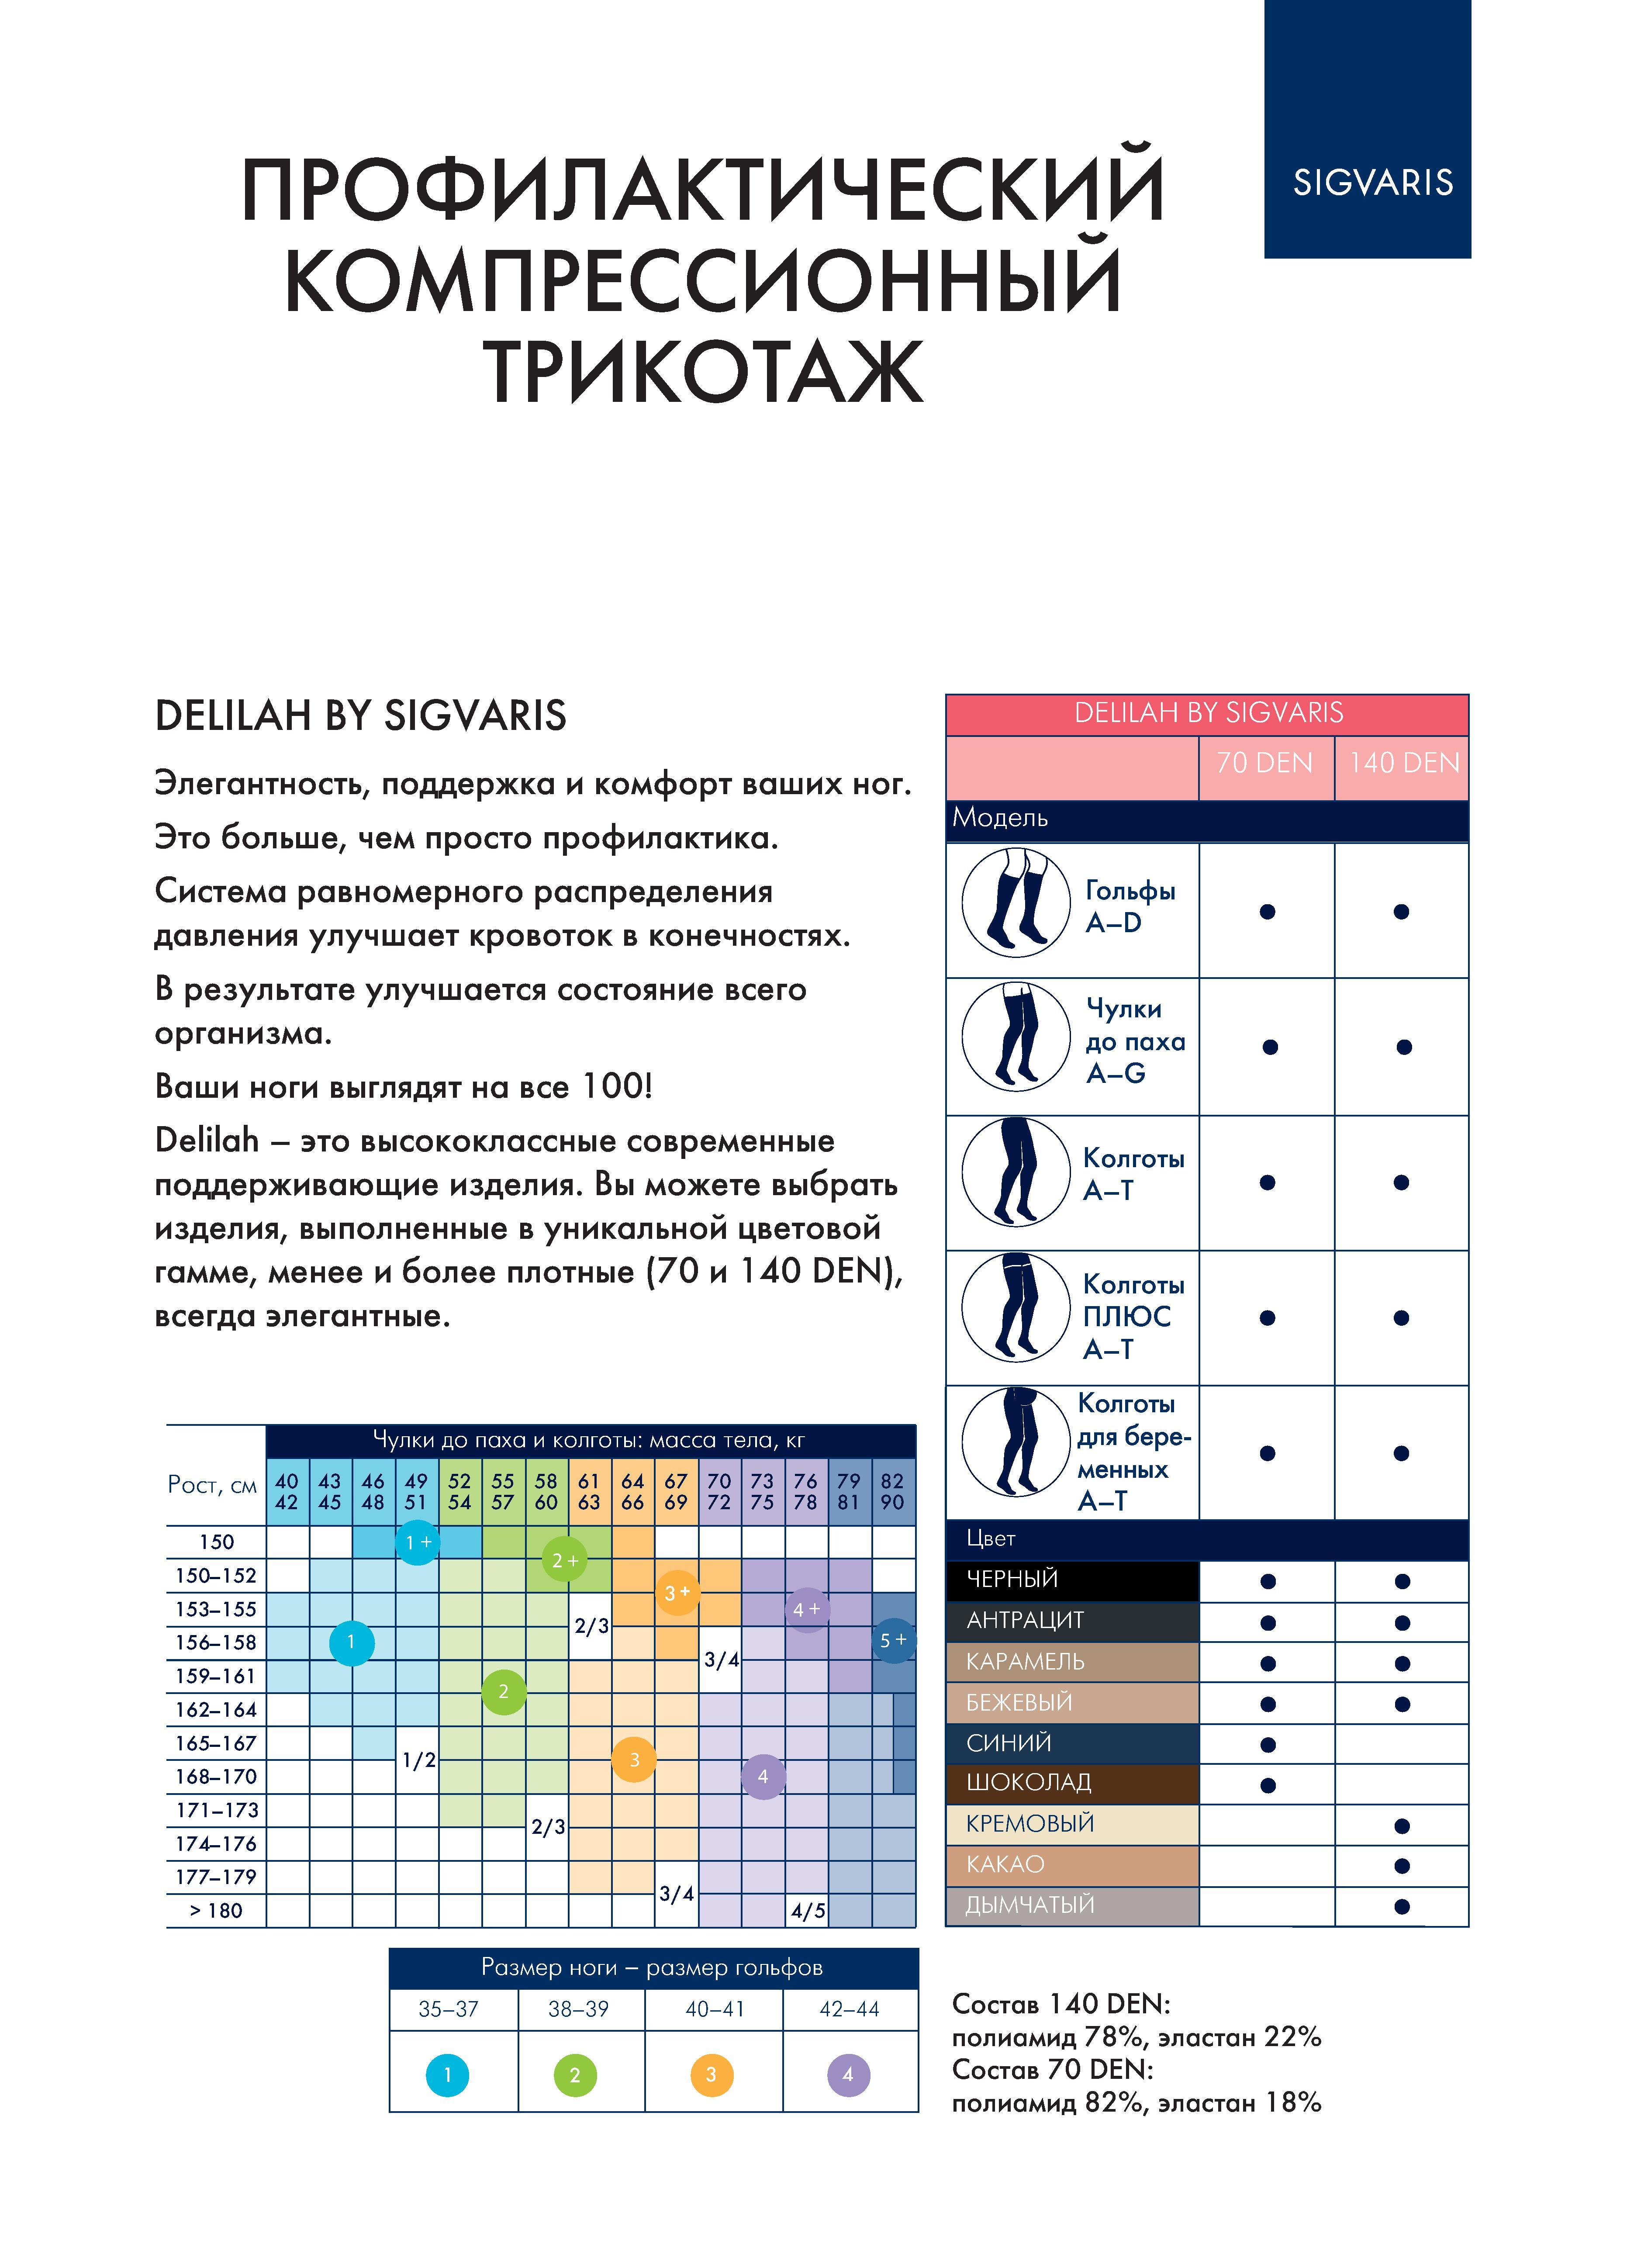 Схема подбора размера компрессионных изделий Delilah